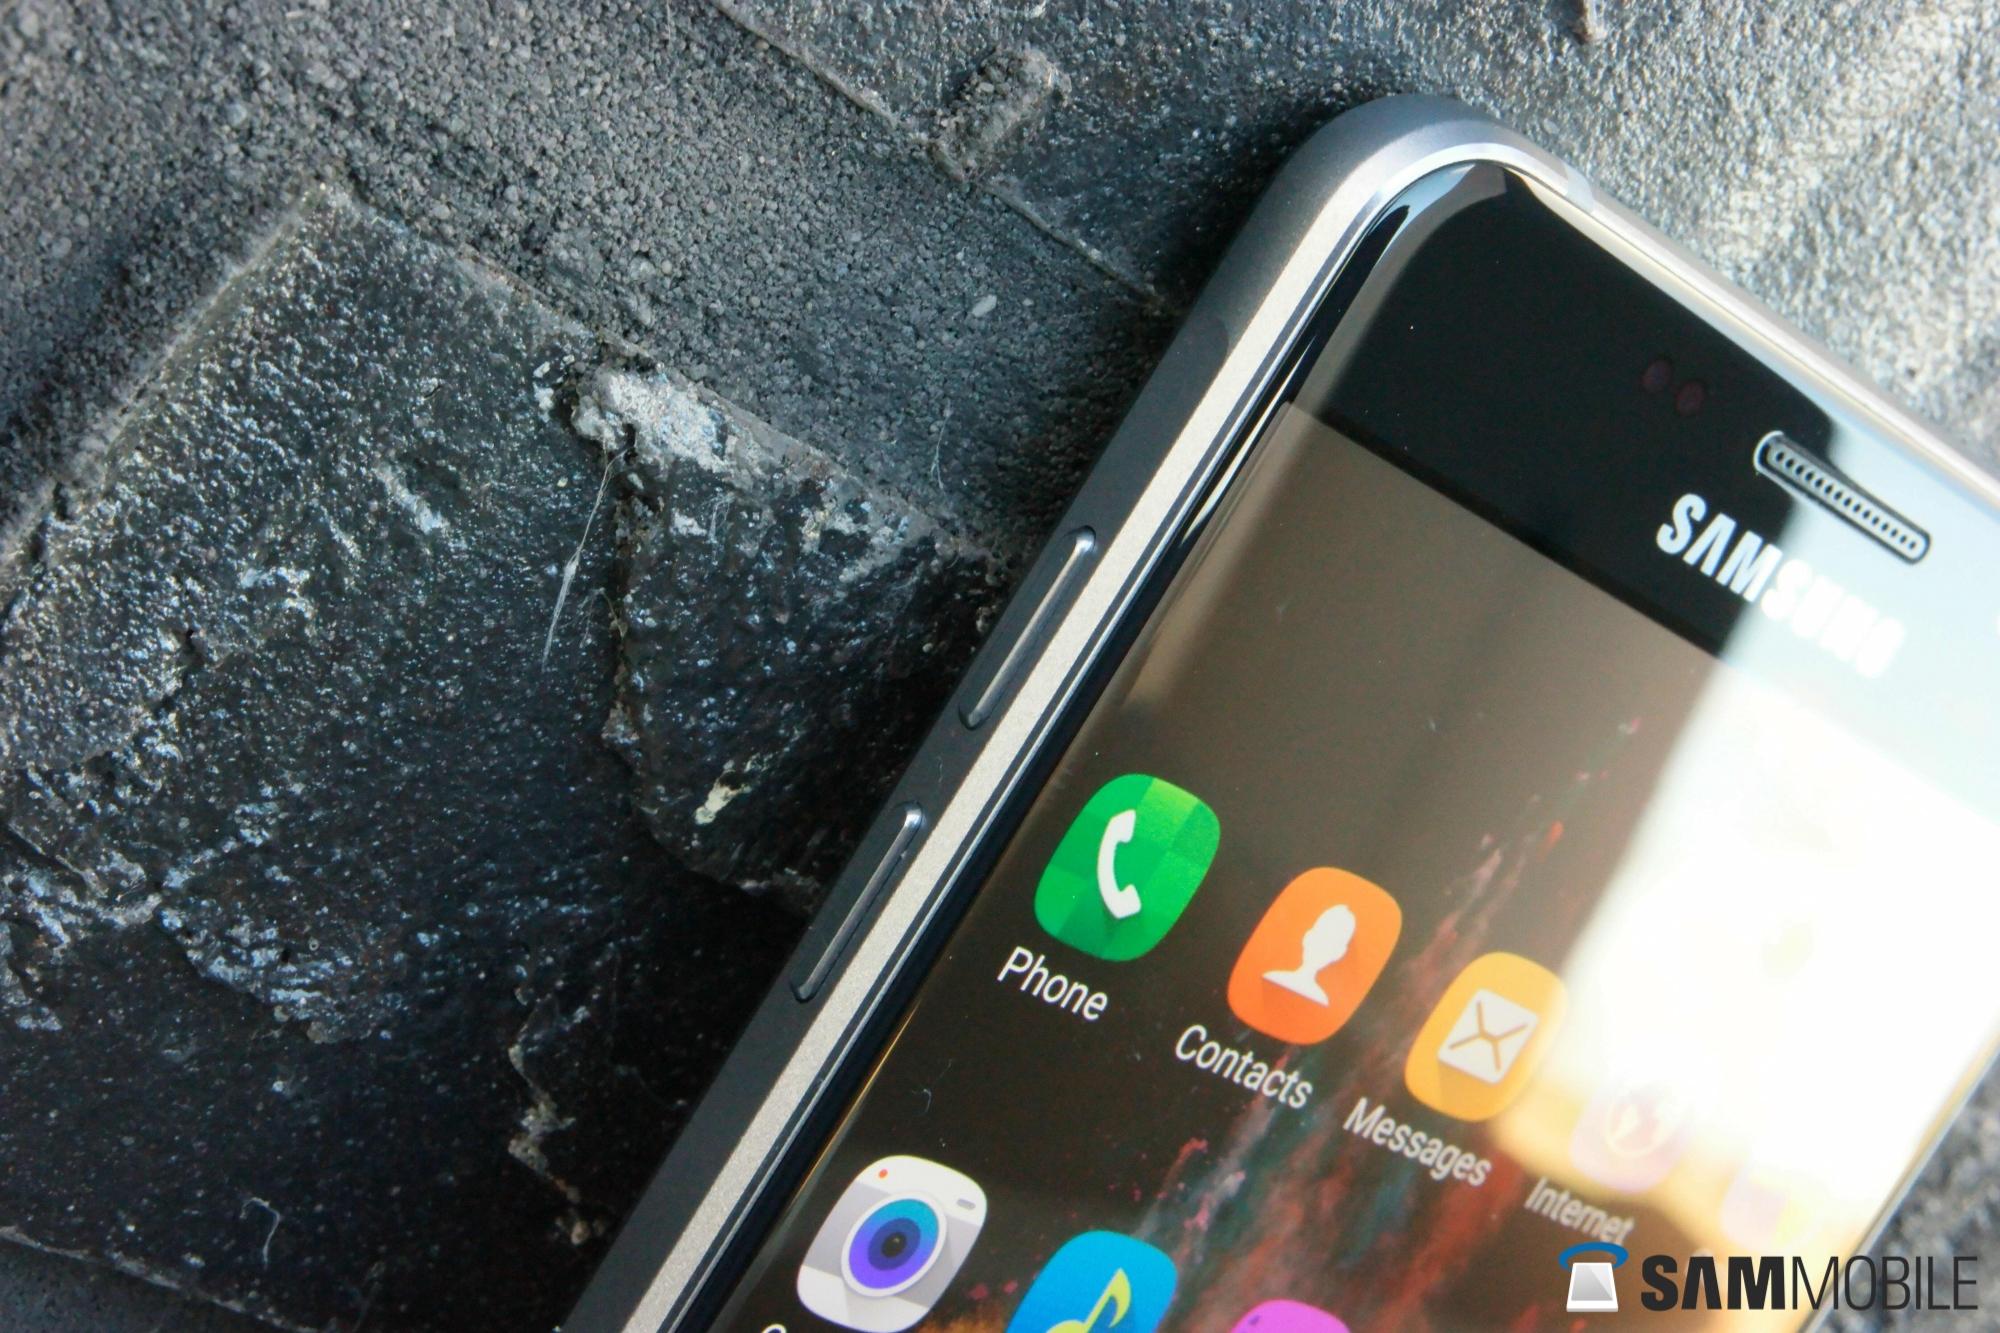 Samsung Galaxy A5 sẽ được cập nhật Android 7.0 Nougat vào cuối tháng 1